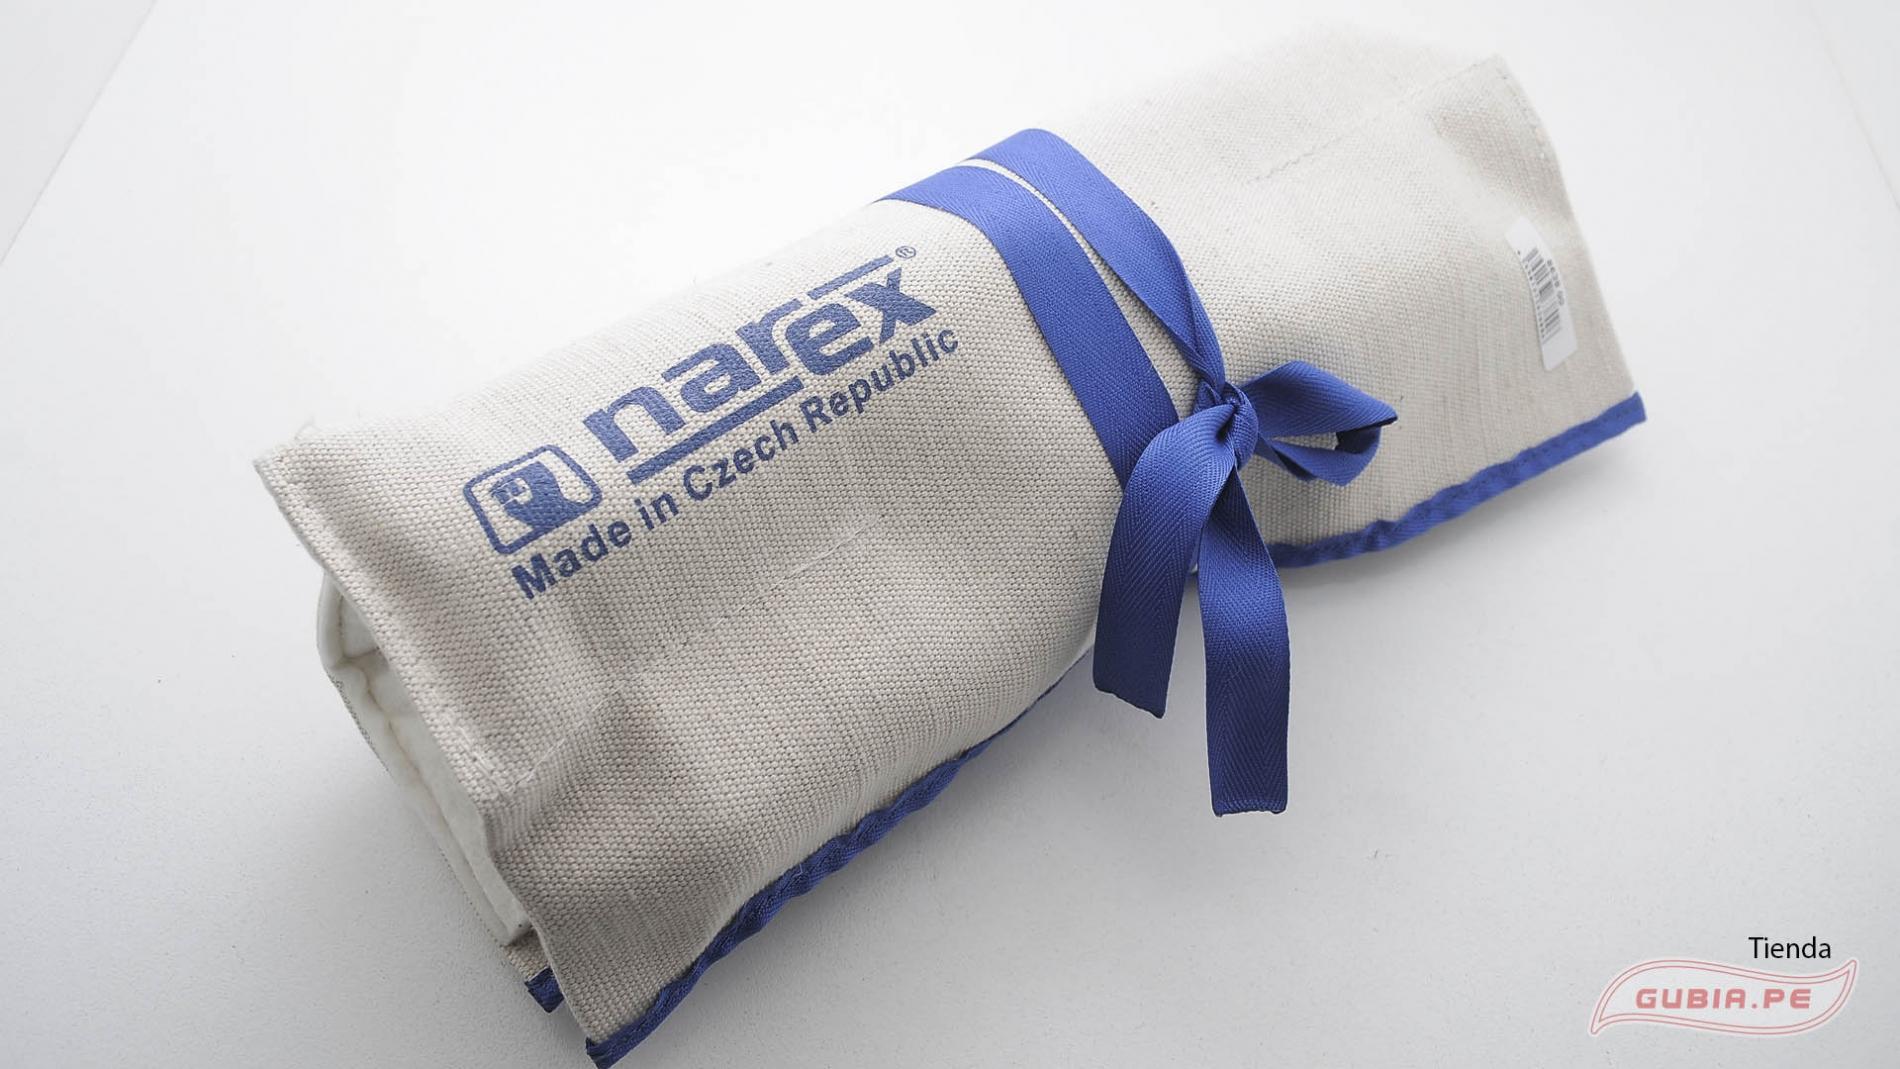 863800-Estuche de lona para formones Narex 86380-max-5.